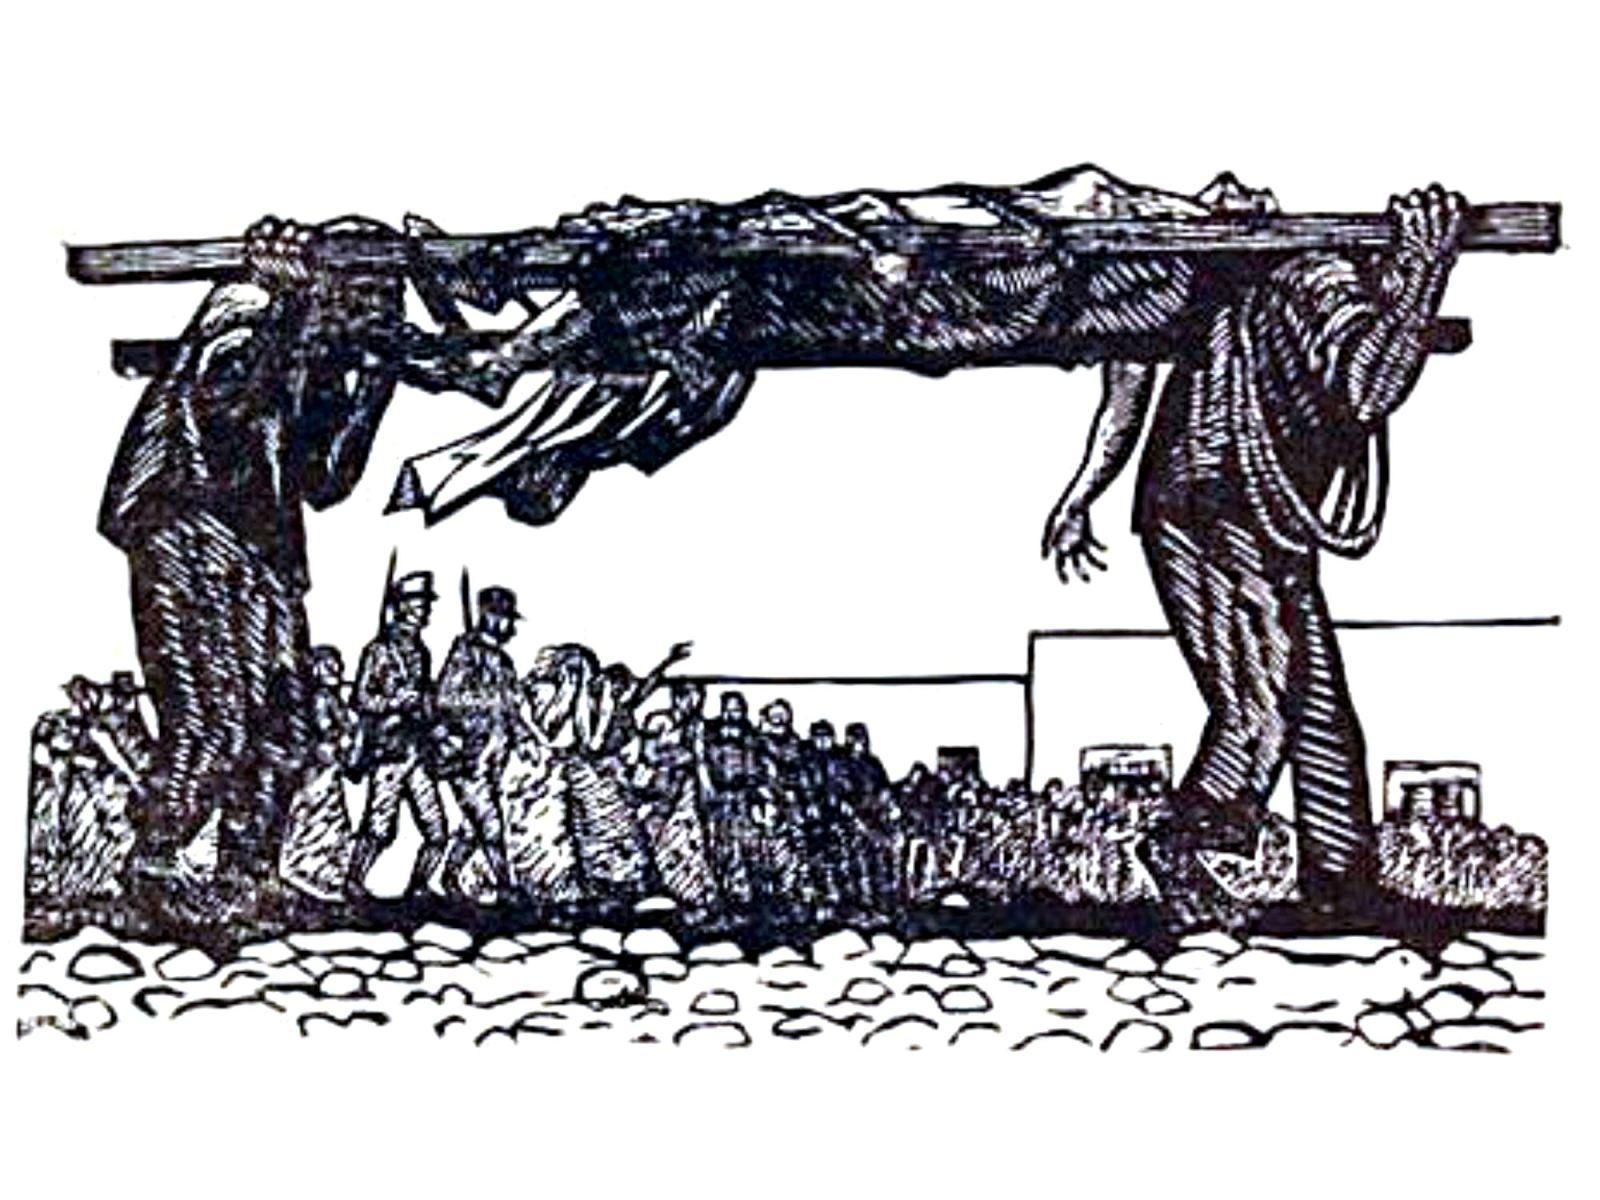 Caín, los yanquis y nuestro legítimo derecho a la defensa Por Alfonsa Goicoechea